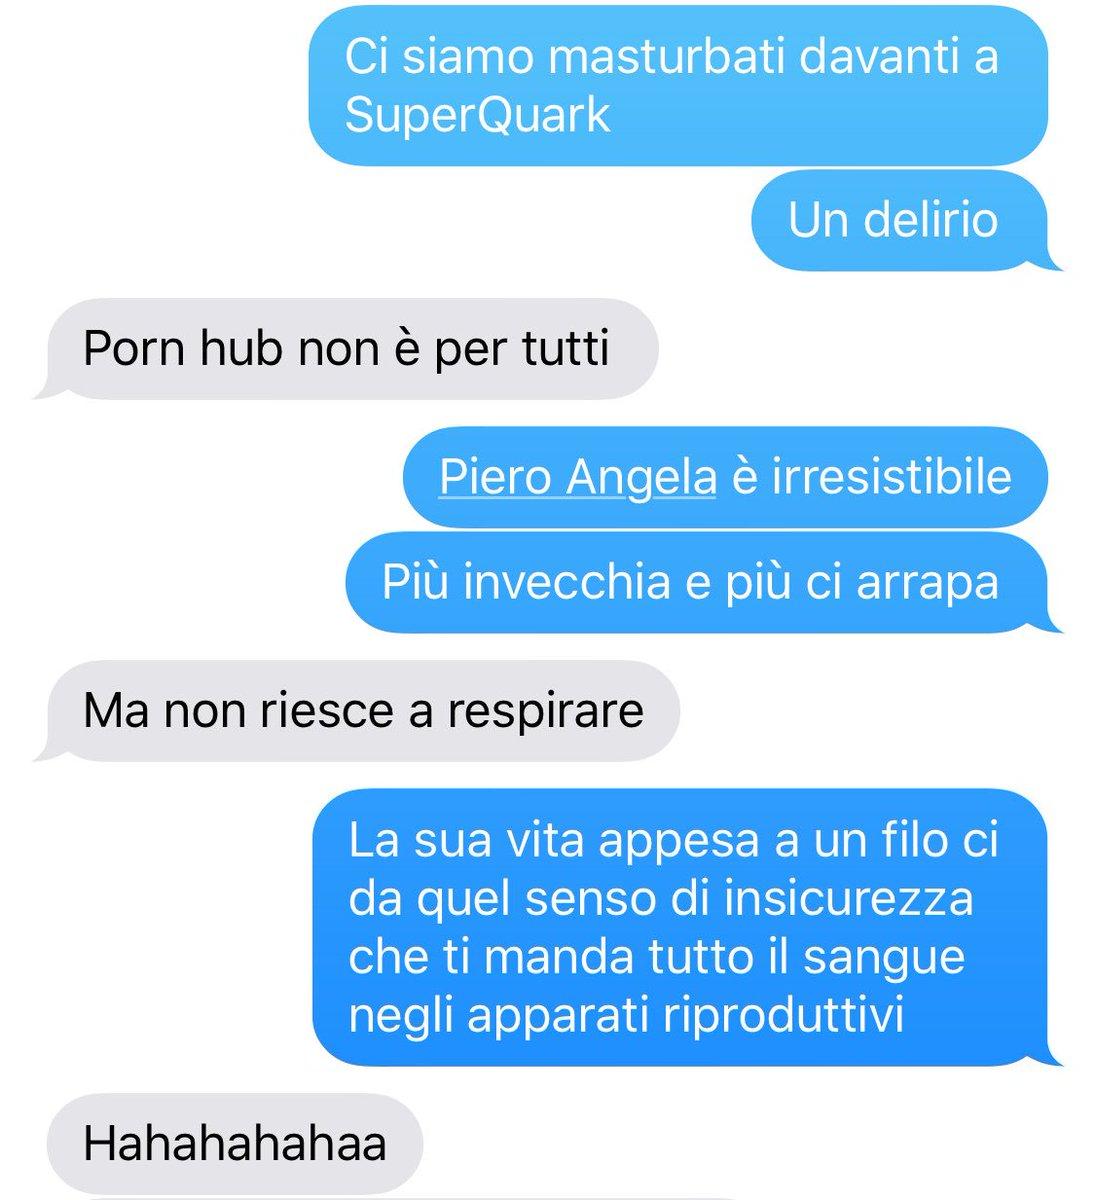 #Superquark